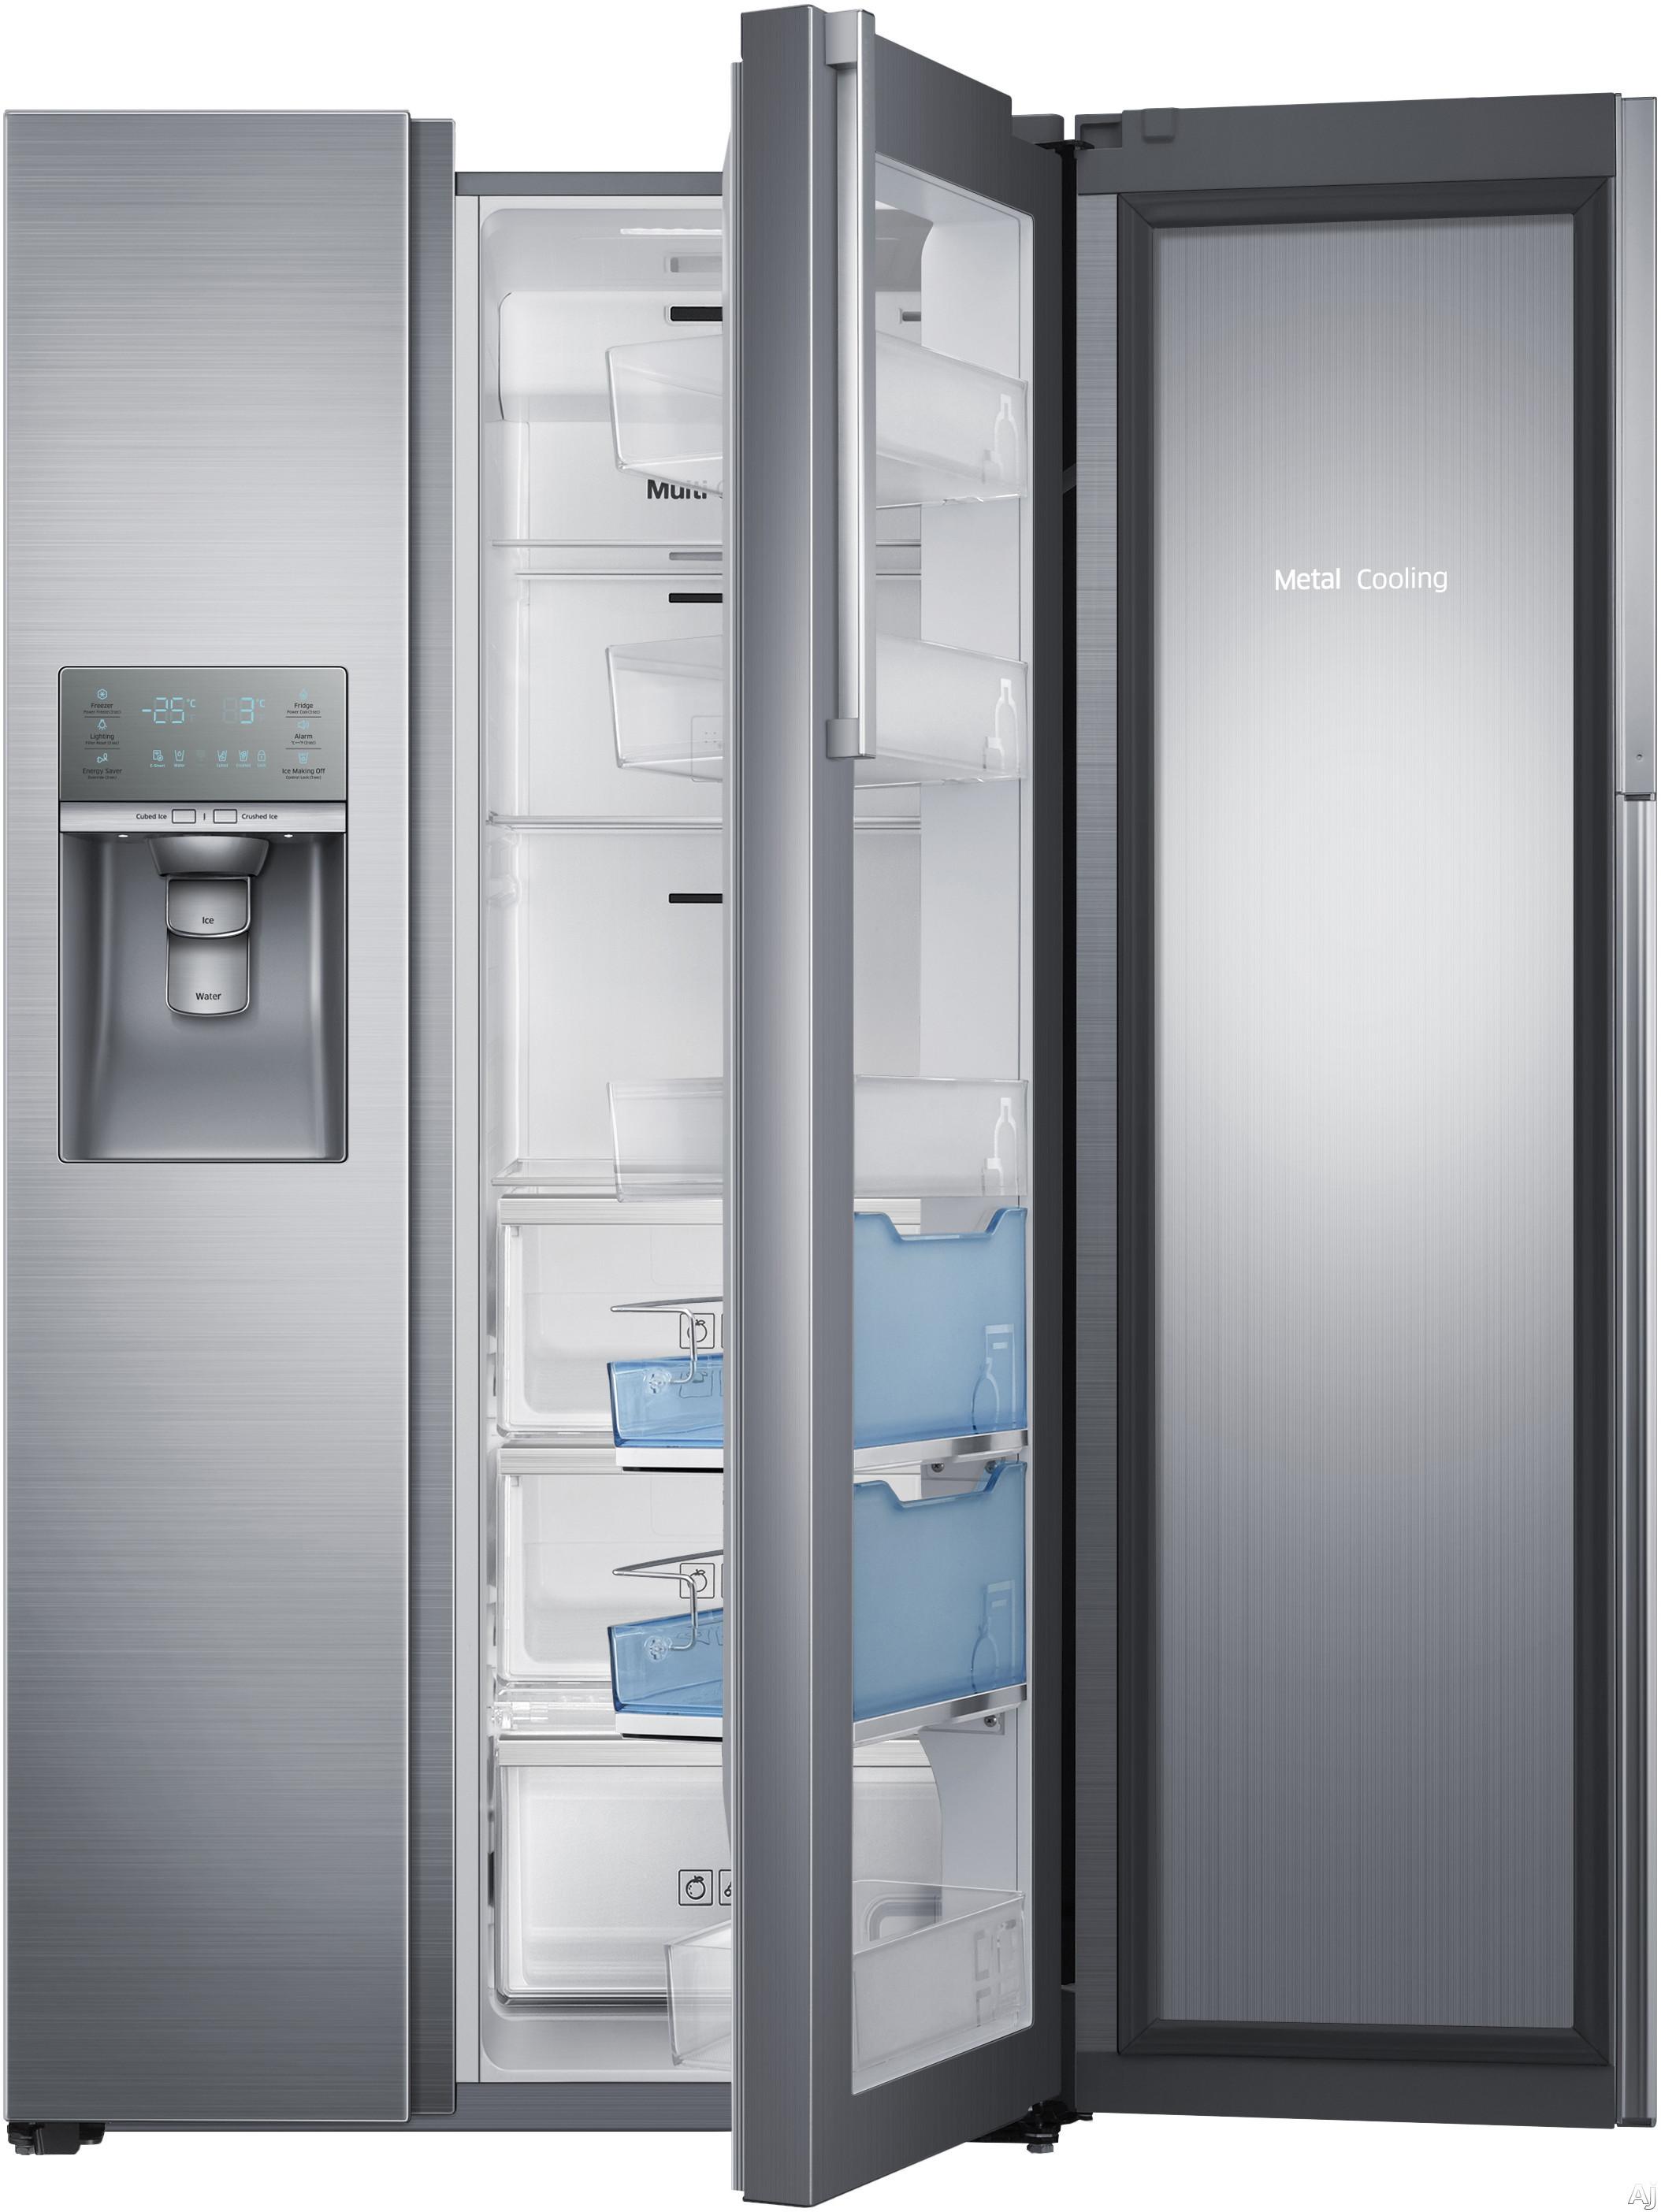 samsung rh22h9010sr 21 5 cu ft counter depth side by side refrigerator with 3 spillproof glass. Black Bedroom Furniture Sets. Home Design Ideas